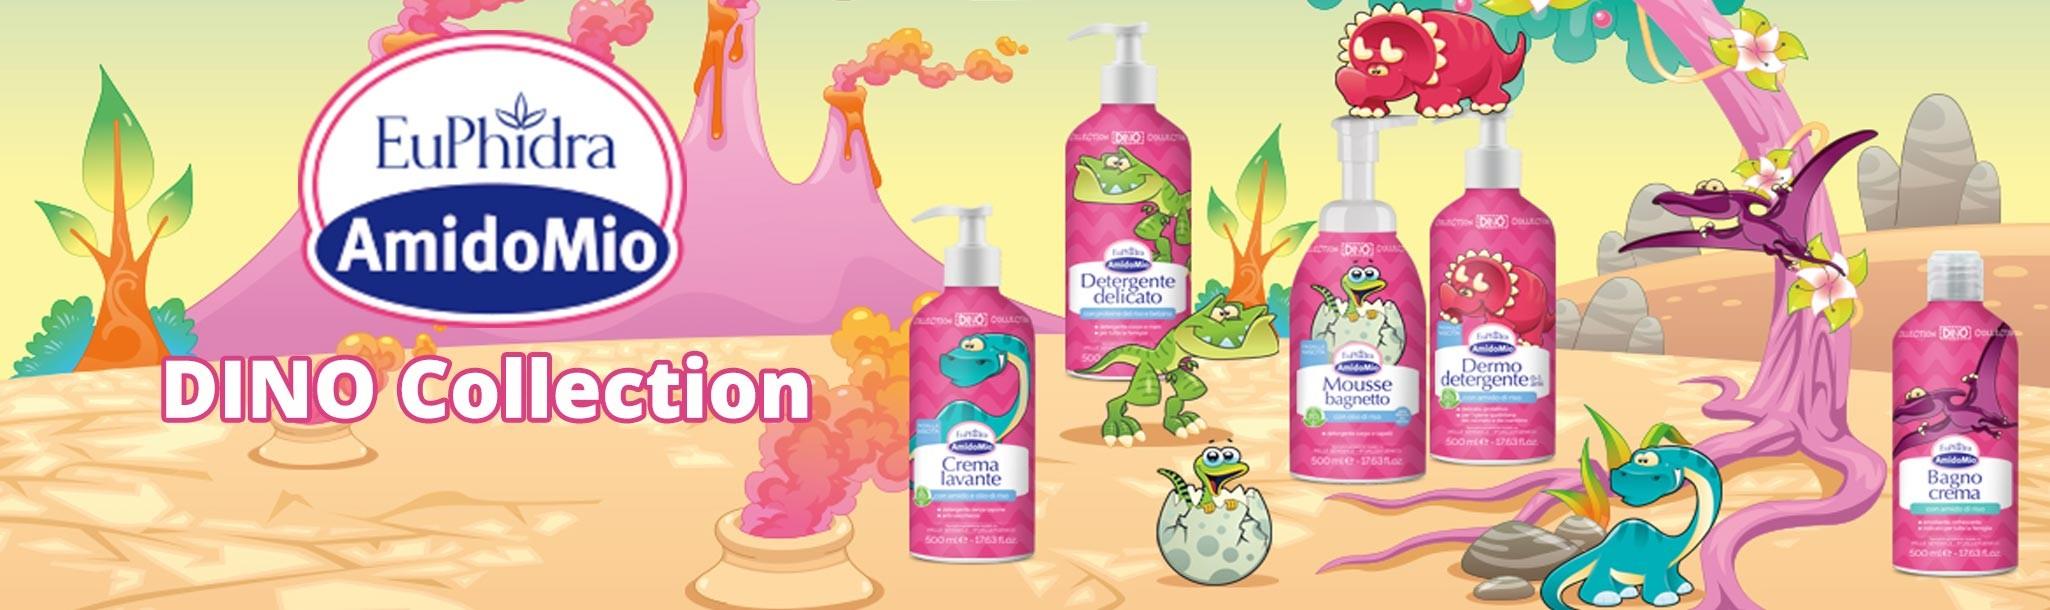 5 referenze MAXI da 500 ml. E con l'acquisto di un prodotto subito in regalo un divertente Dino Game: giochi, racconti e simpatici stickers.